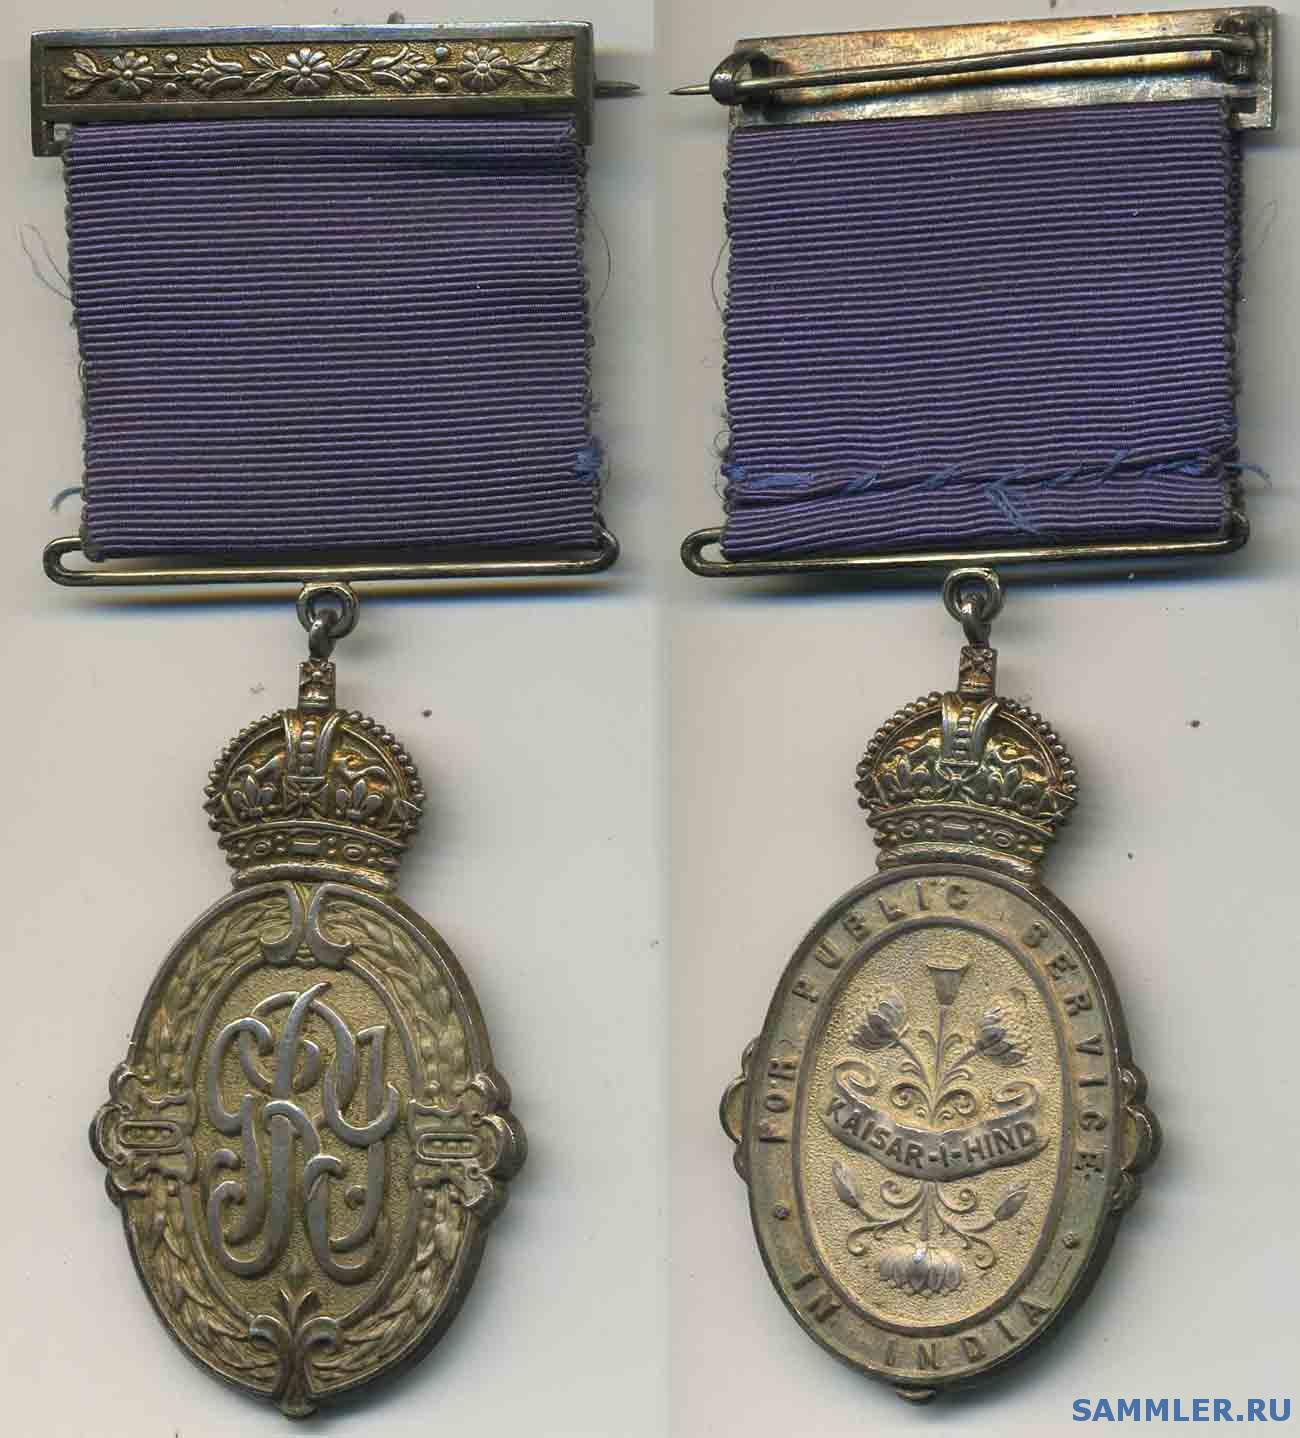 Kaisar_I_Hind_Medal__G_V_1st_.jpg